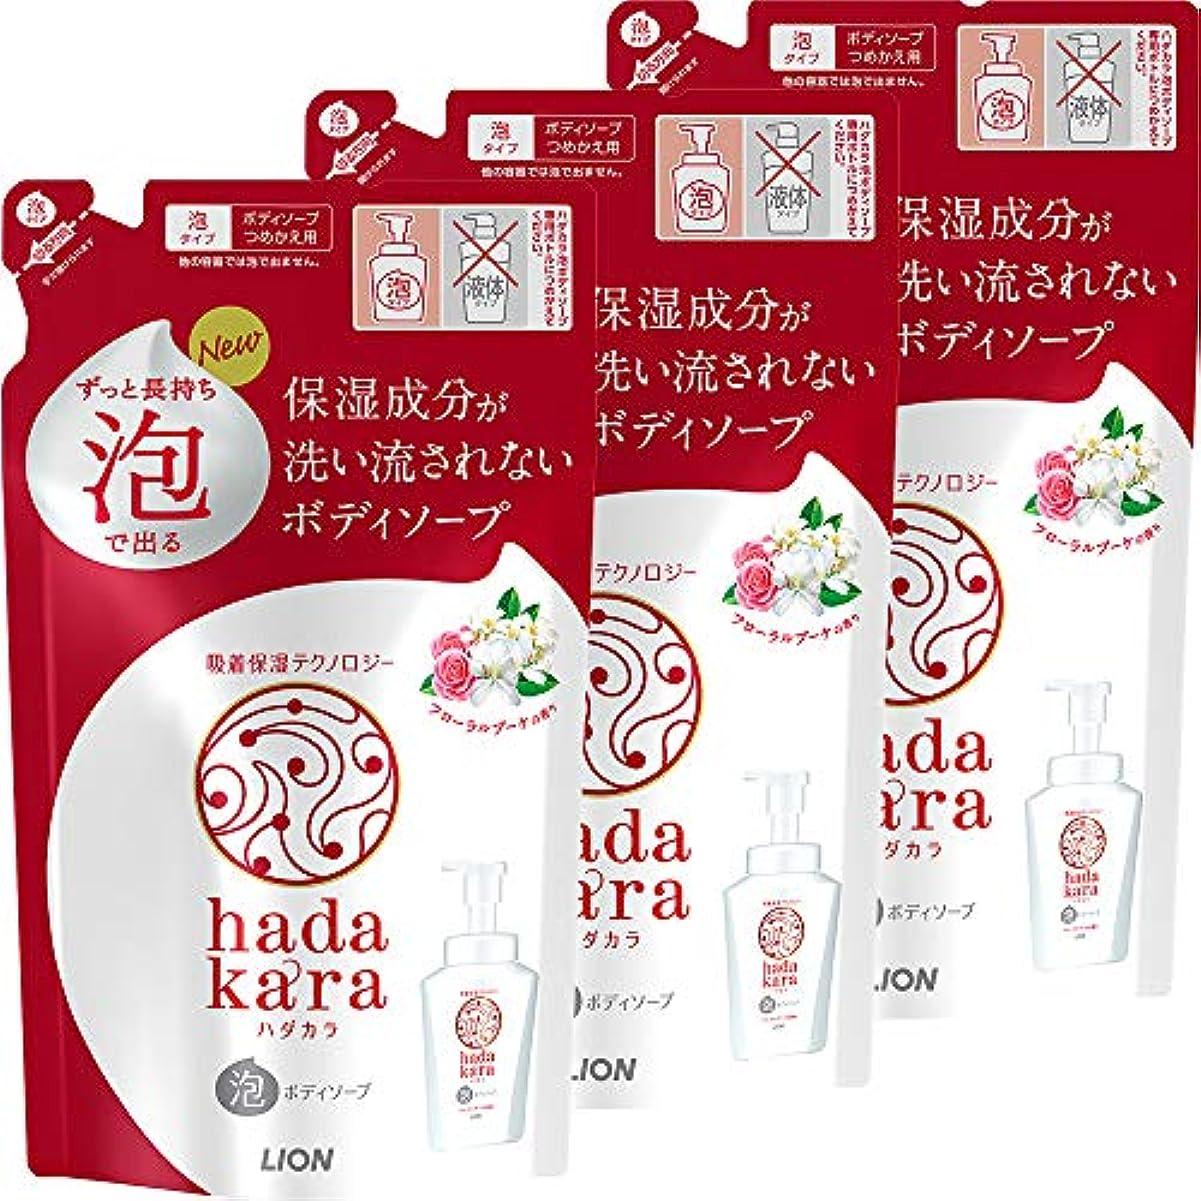 おばさん適合満足させるhadakara(ハダカラ) ボディソープ 泡タイプ フローラルブーケの香り 詰替440ml×3個